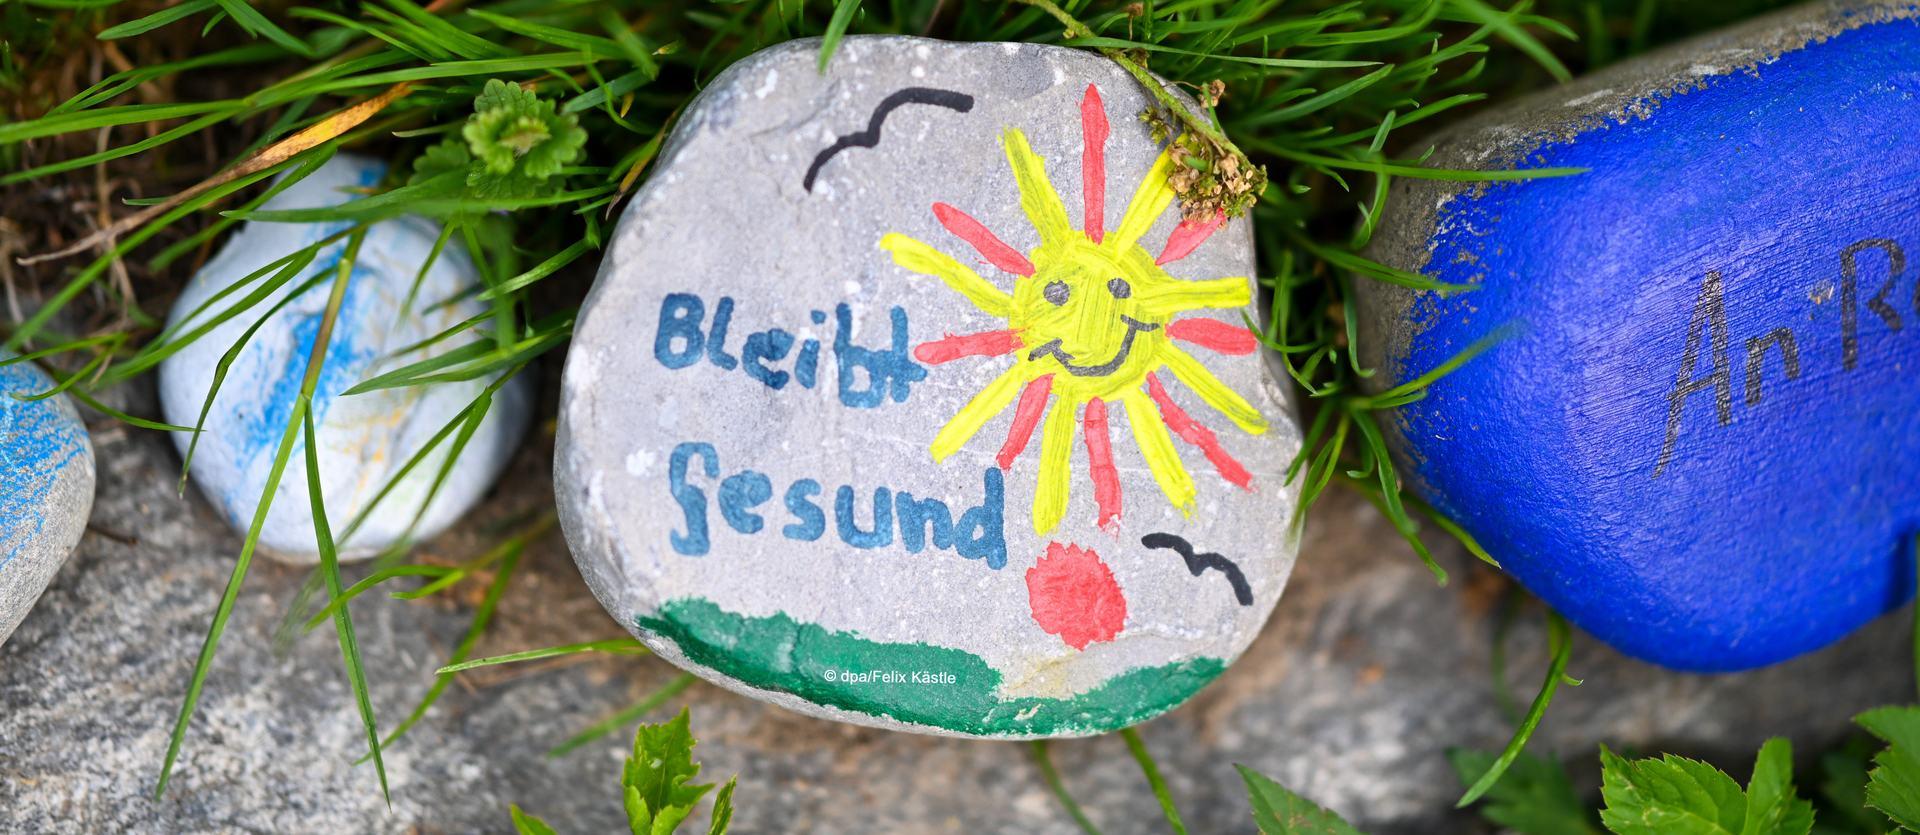 Bemalte Steine liegen im Ortsteil Obereschach an einem Wegesrand